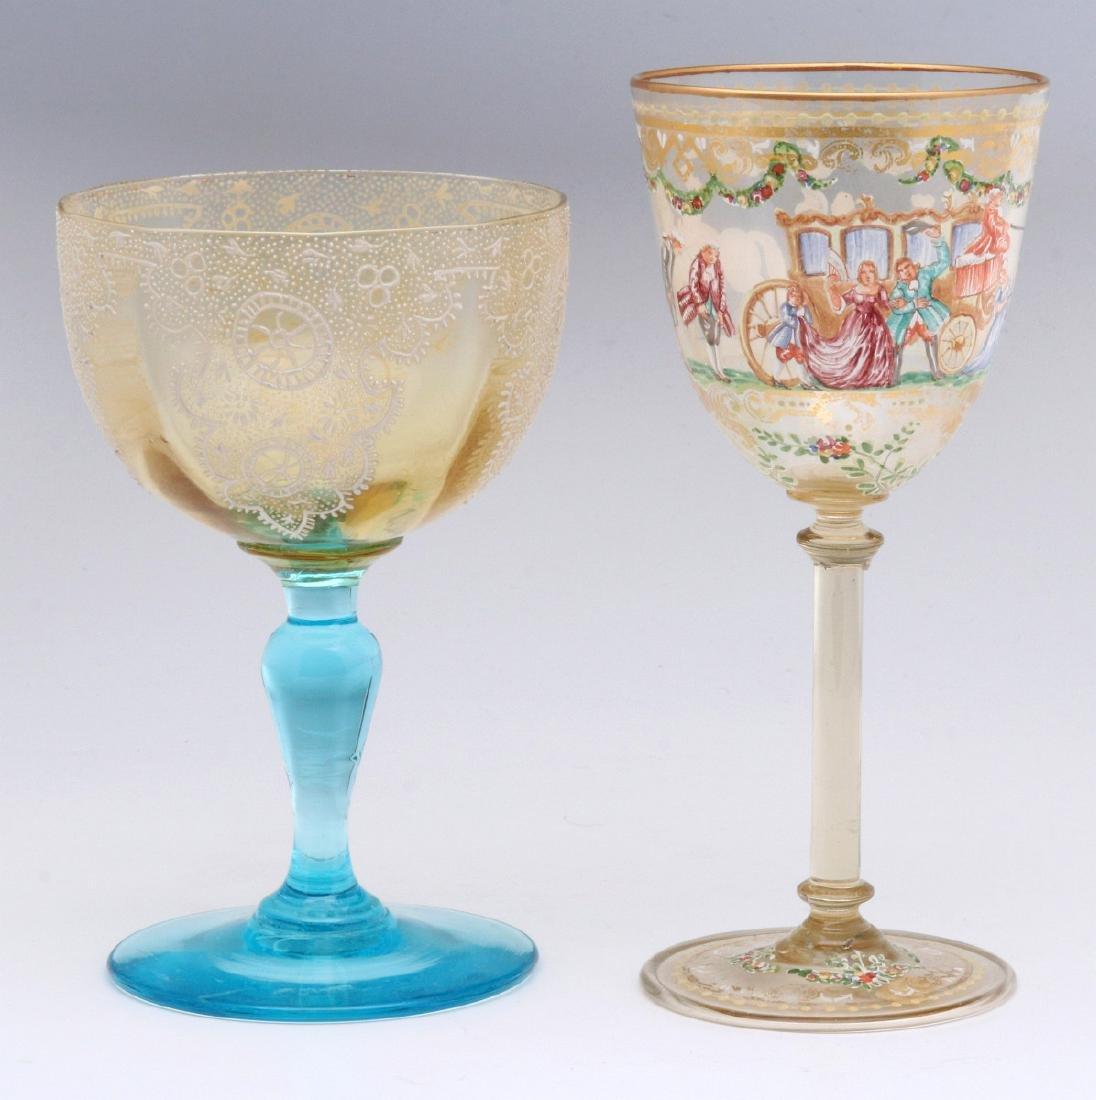 TWO INTERESTING ENAMELED ART GLASS WINE GOBLETS - 5